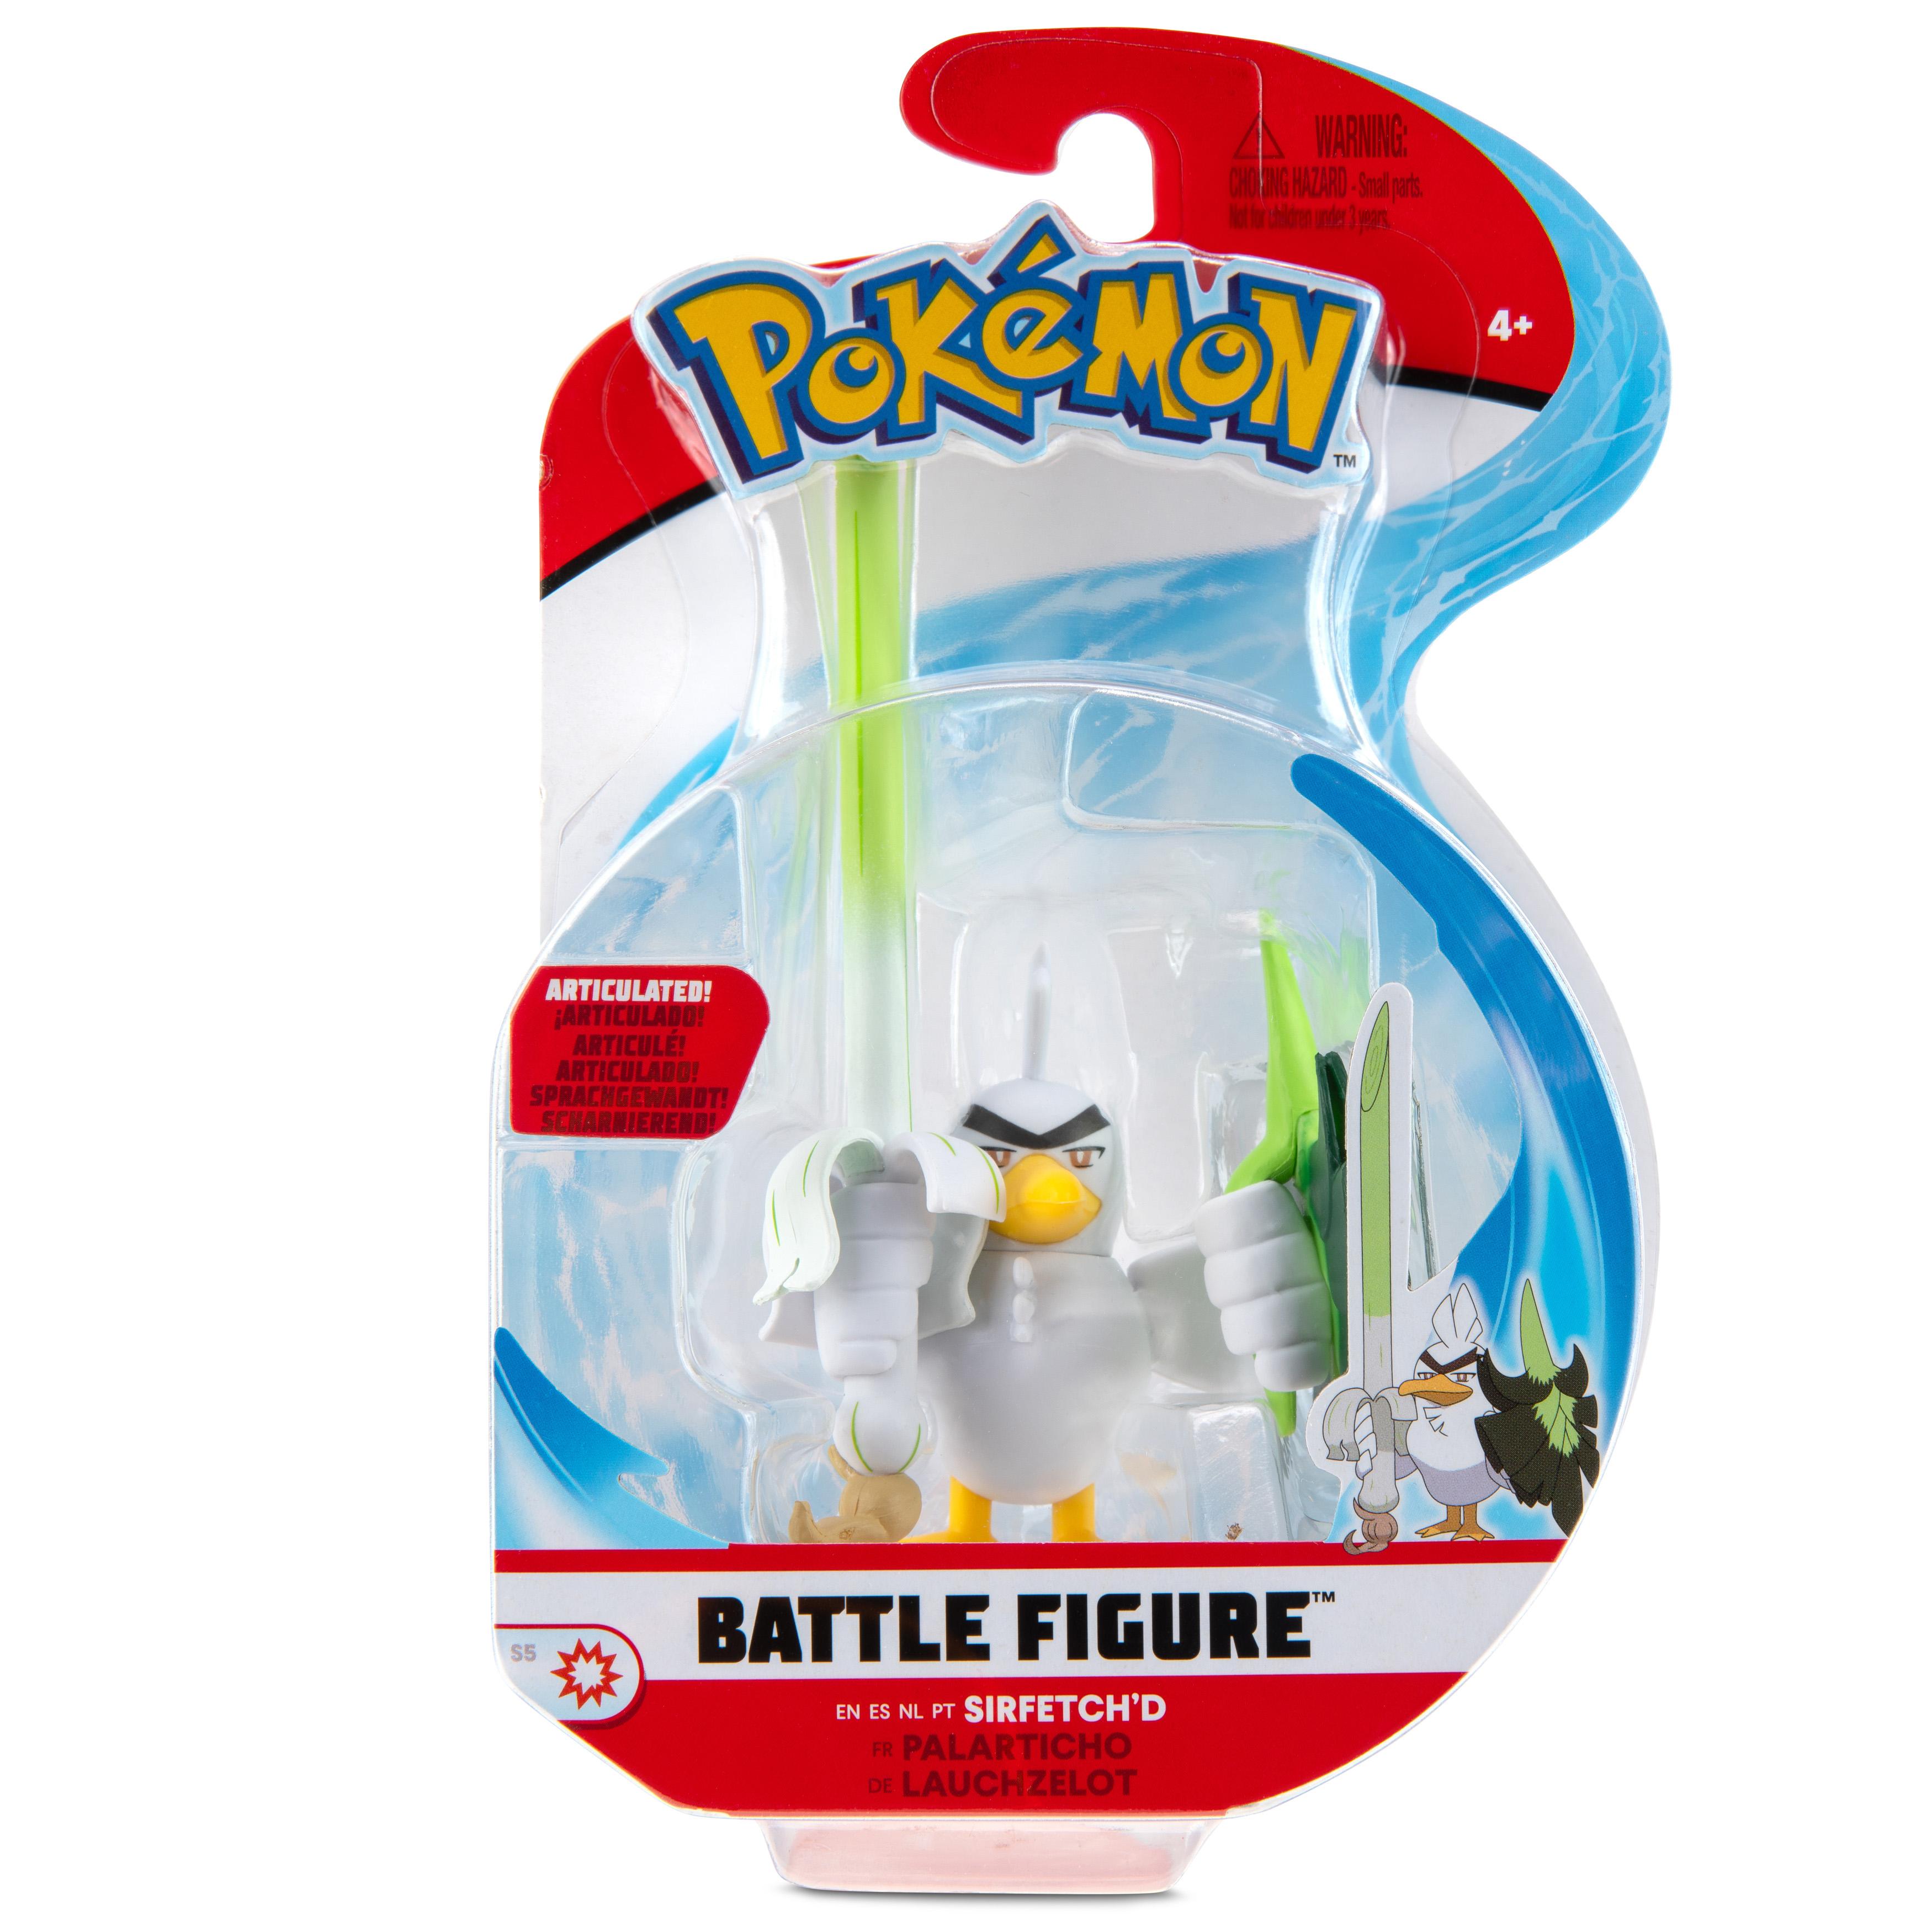 Pokémon - Battle Figur - Lauchzelot